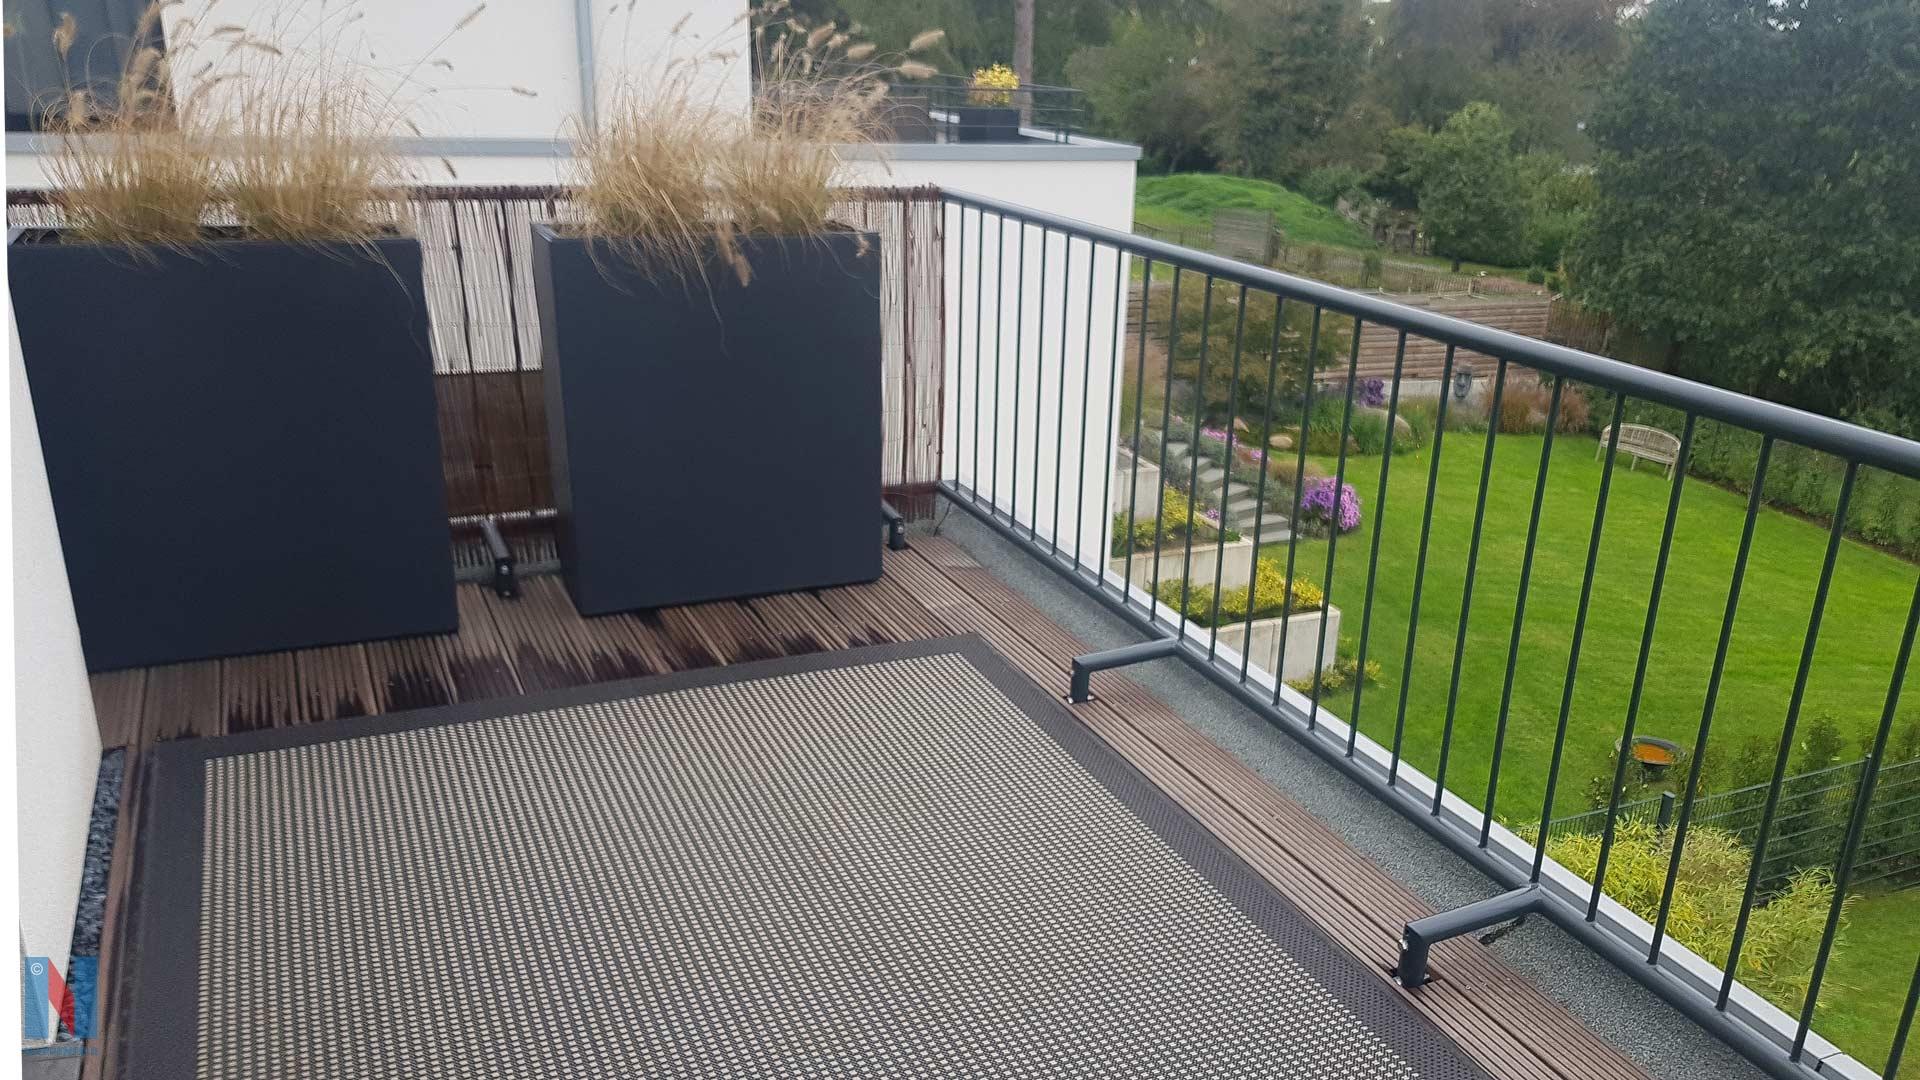 Für eine Villa in Mülheim an der Ruhr konstruierte, fertigte und montierte die Edelstahlschlosserei Nappenfeld ein pulverbeschichtetes Geländer, kombiniert mit WPC